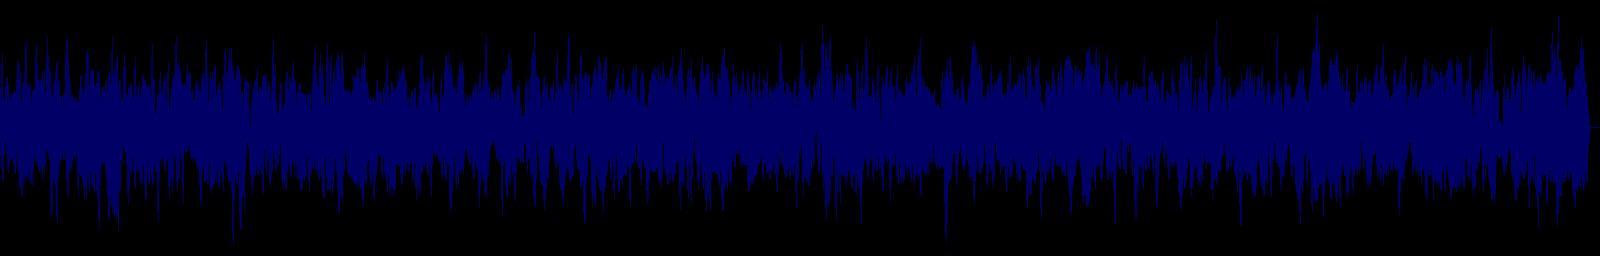 waveform of track #97347